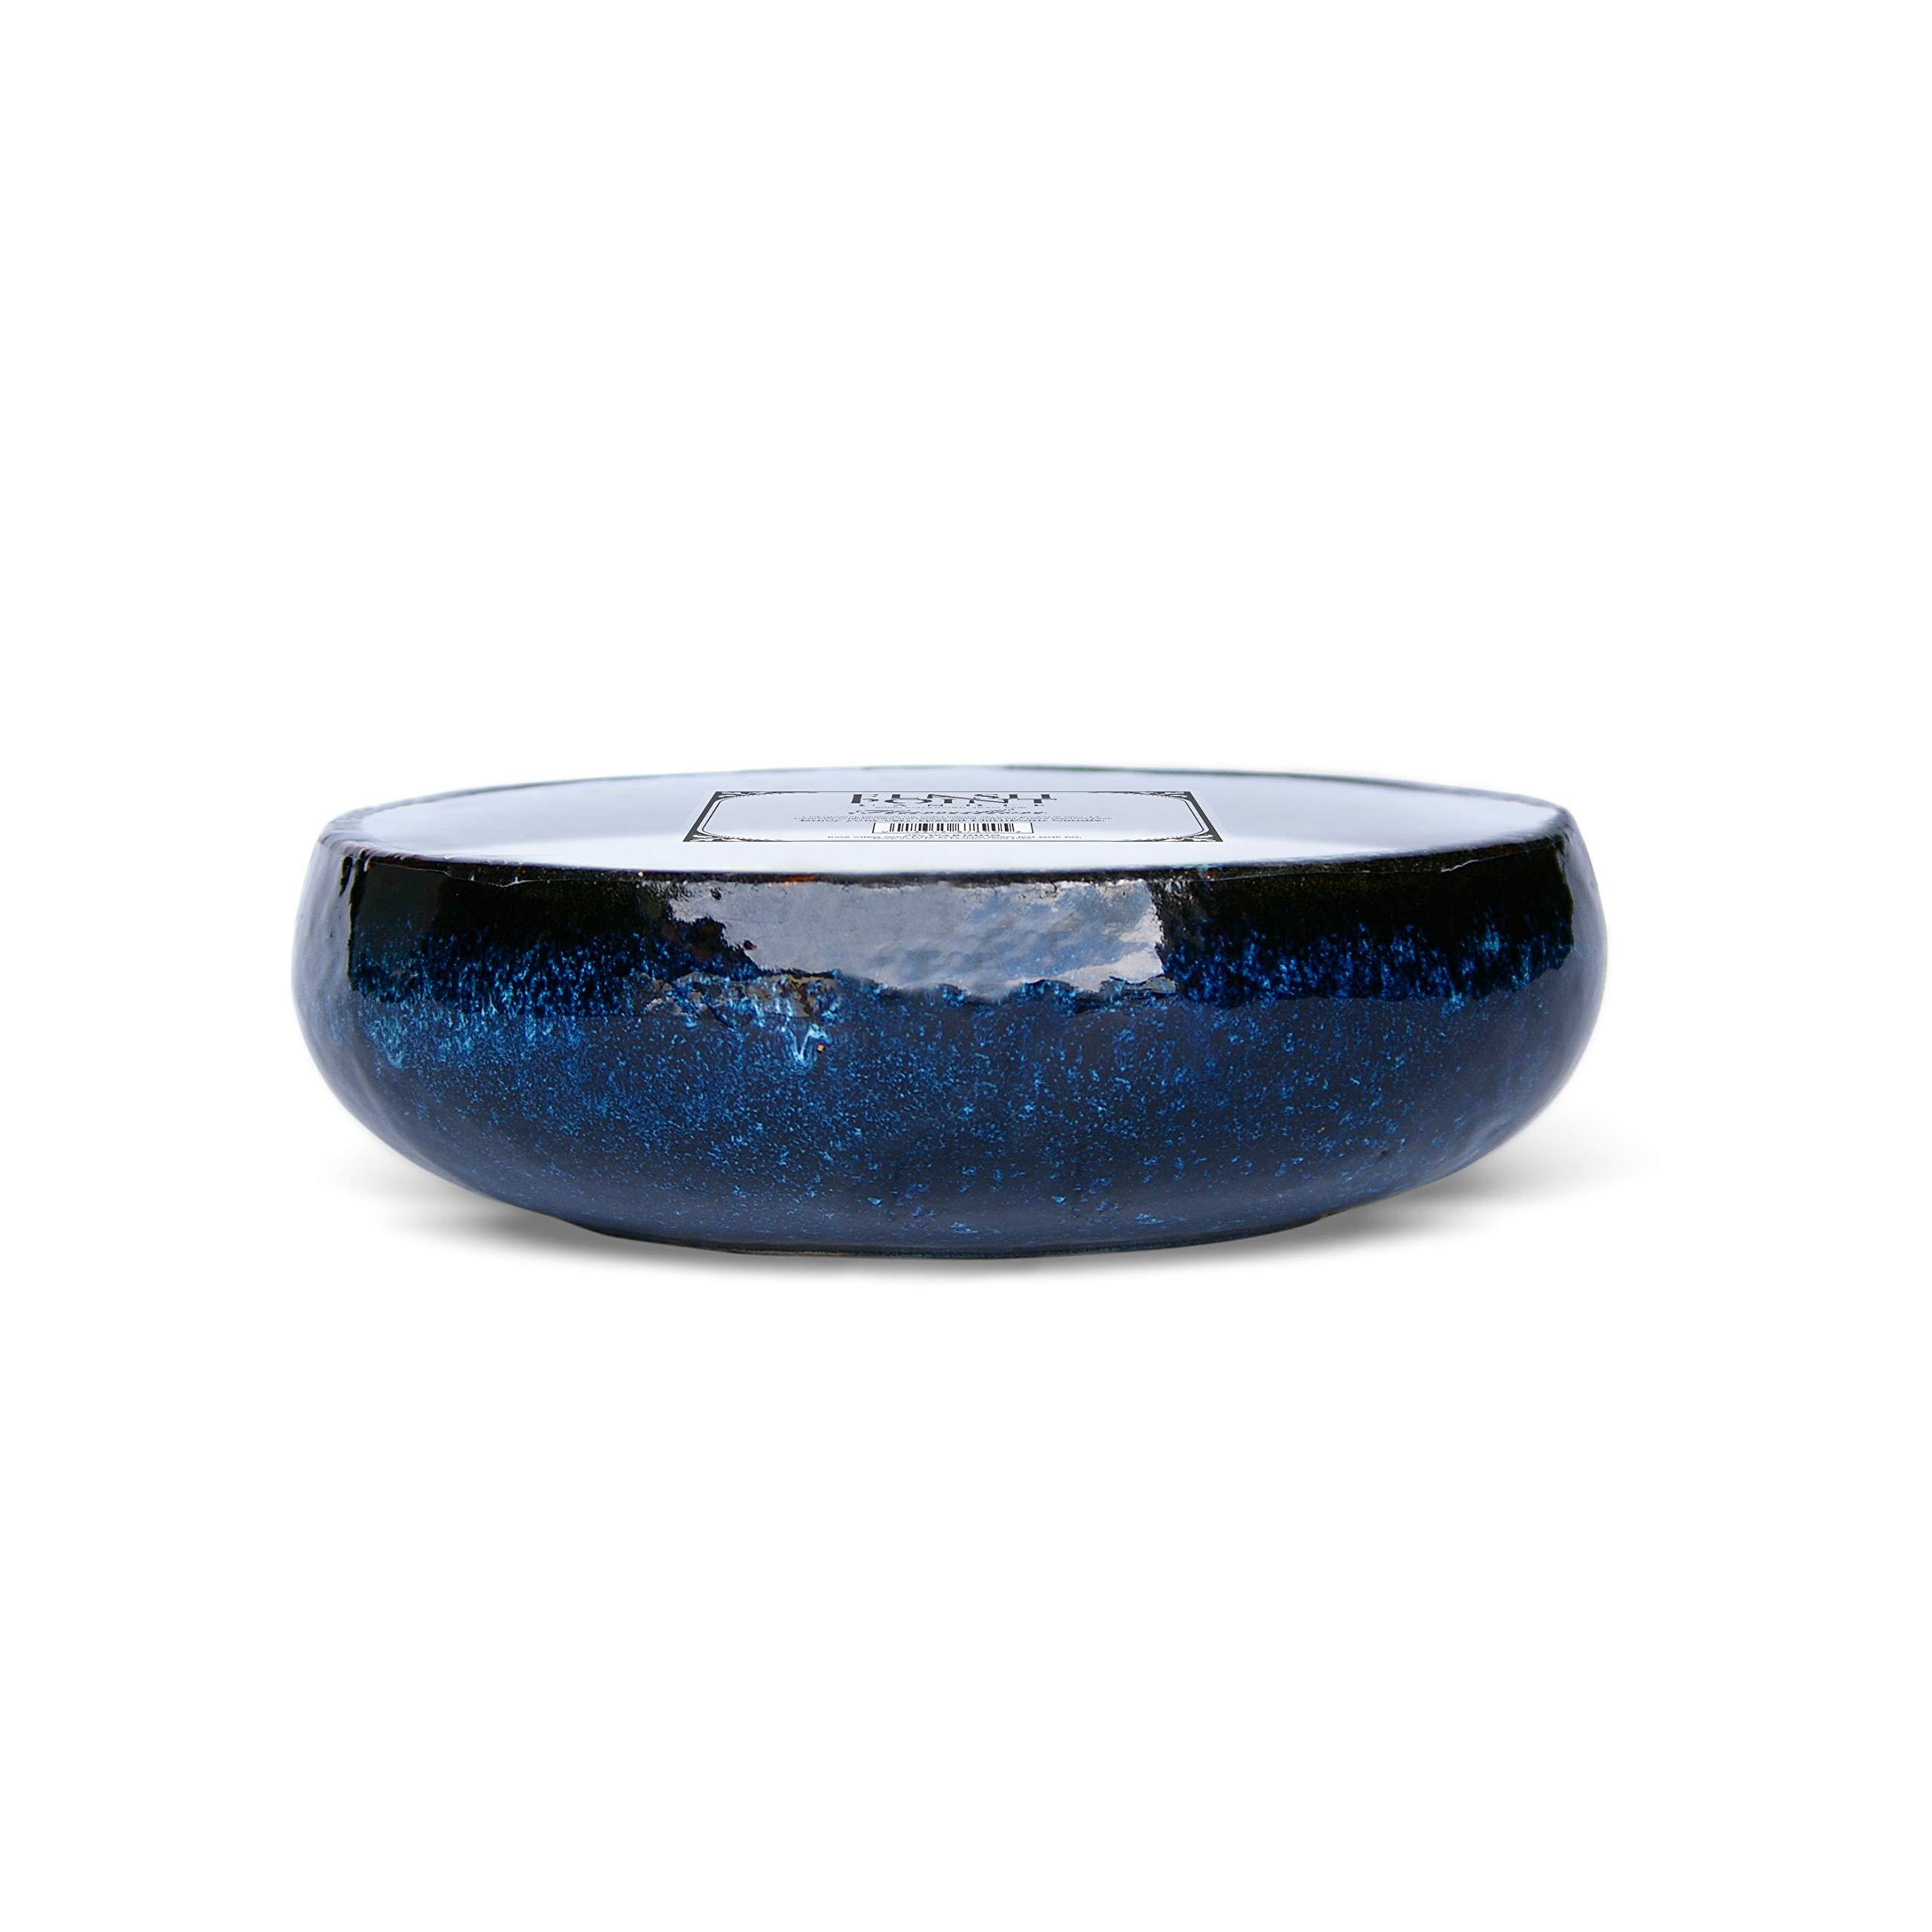 Hamilton 17-Wick Candles (Blue - Wild Blueberry Citronella)